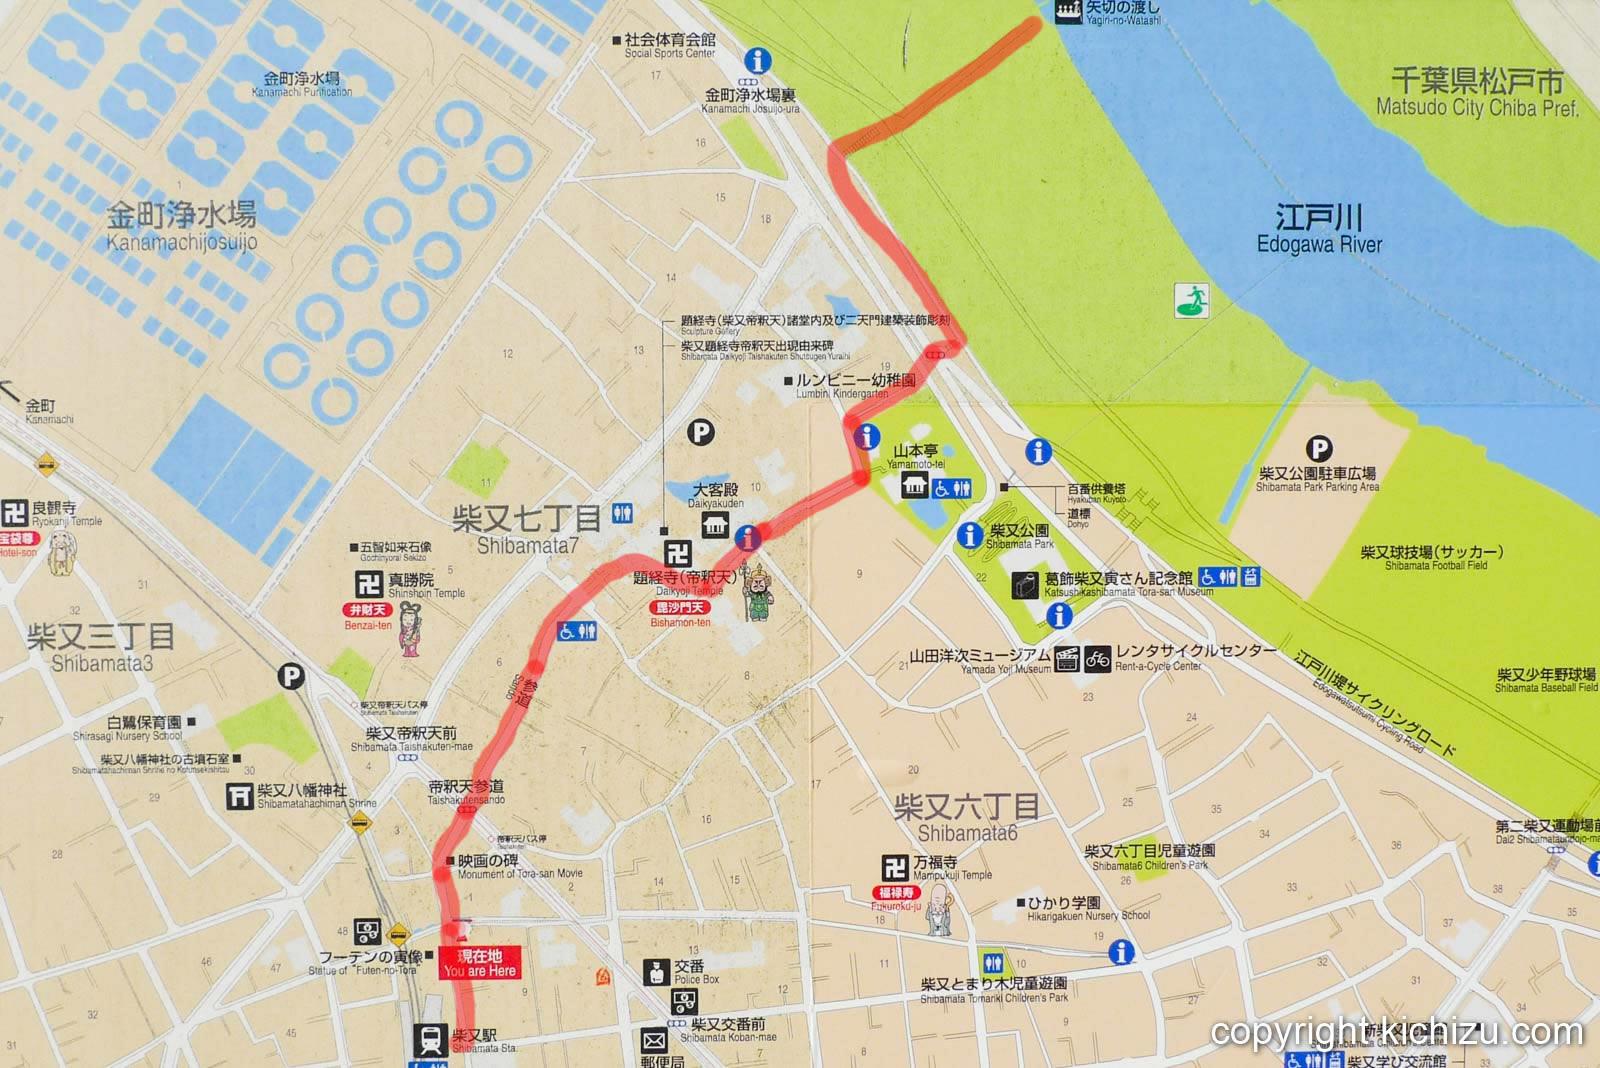 柴又駅から江戸川の矢切の渡しまでのルート